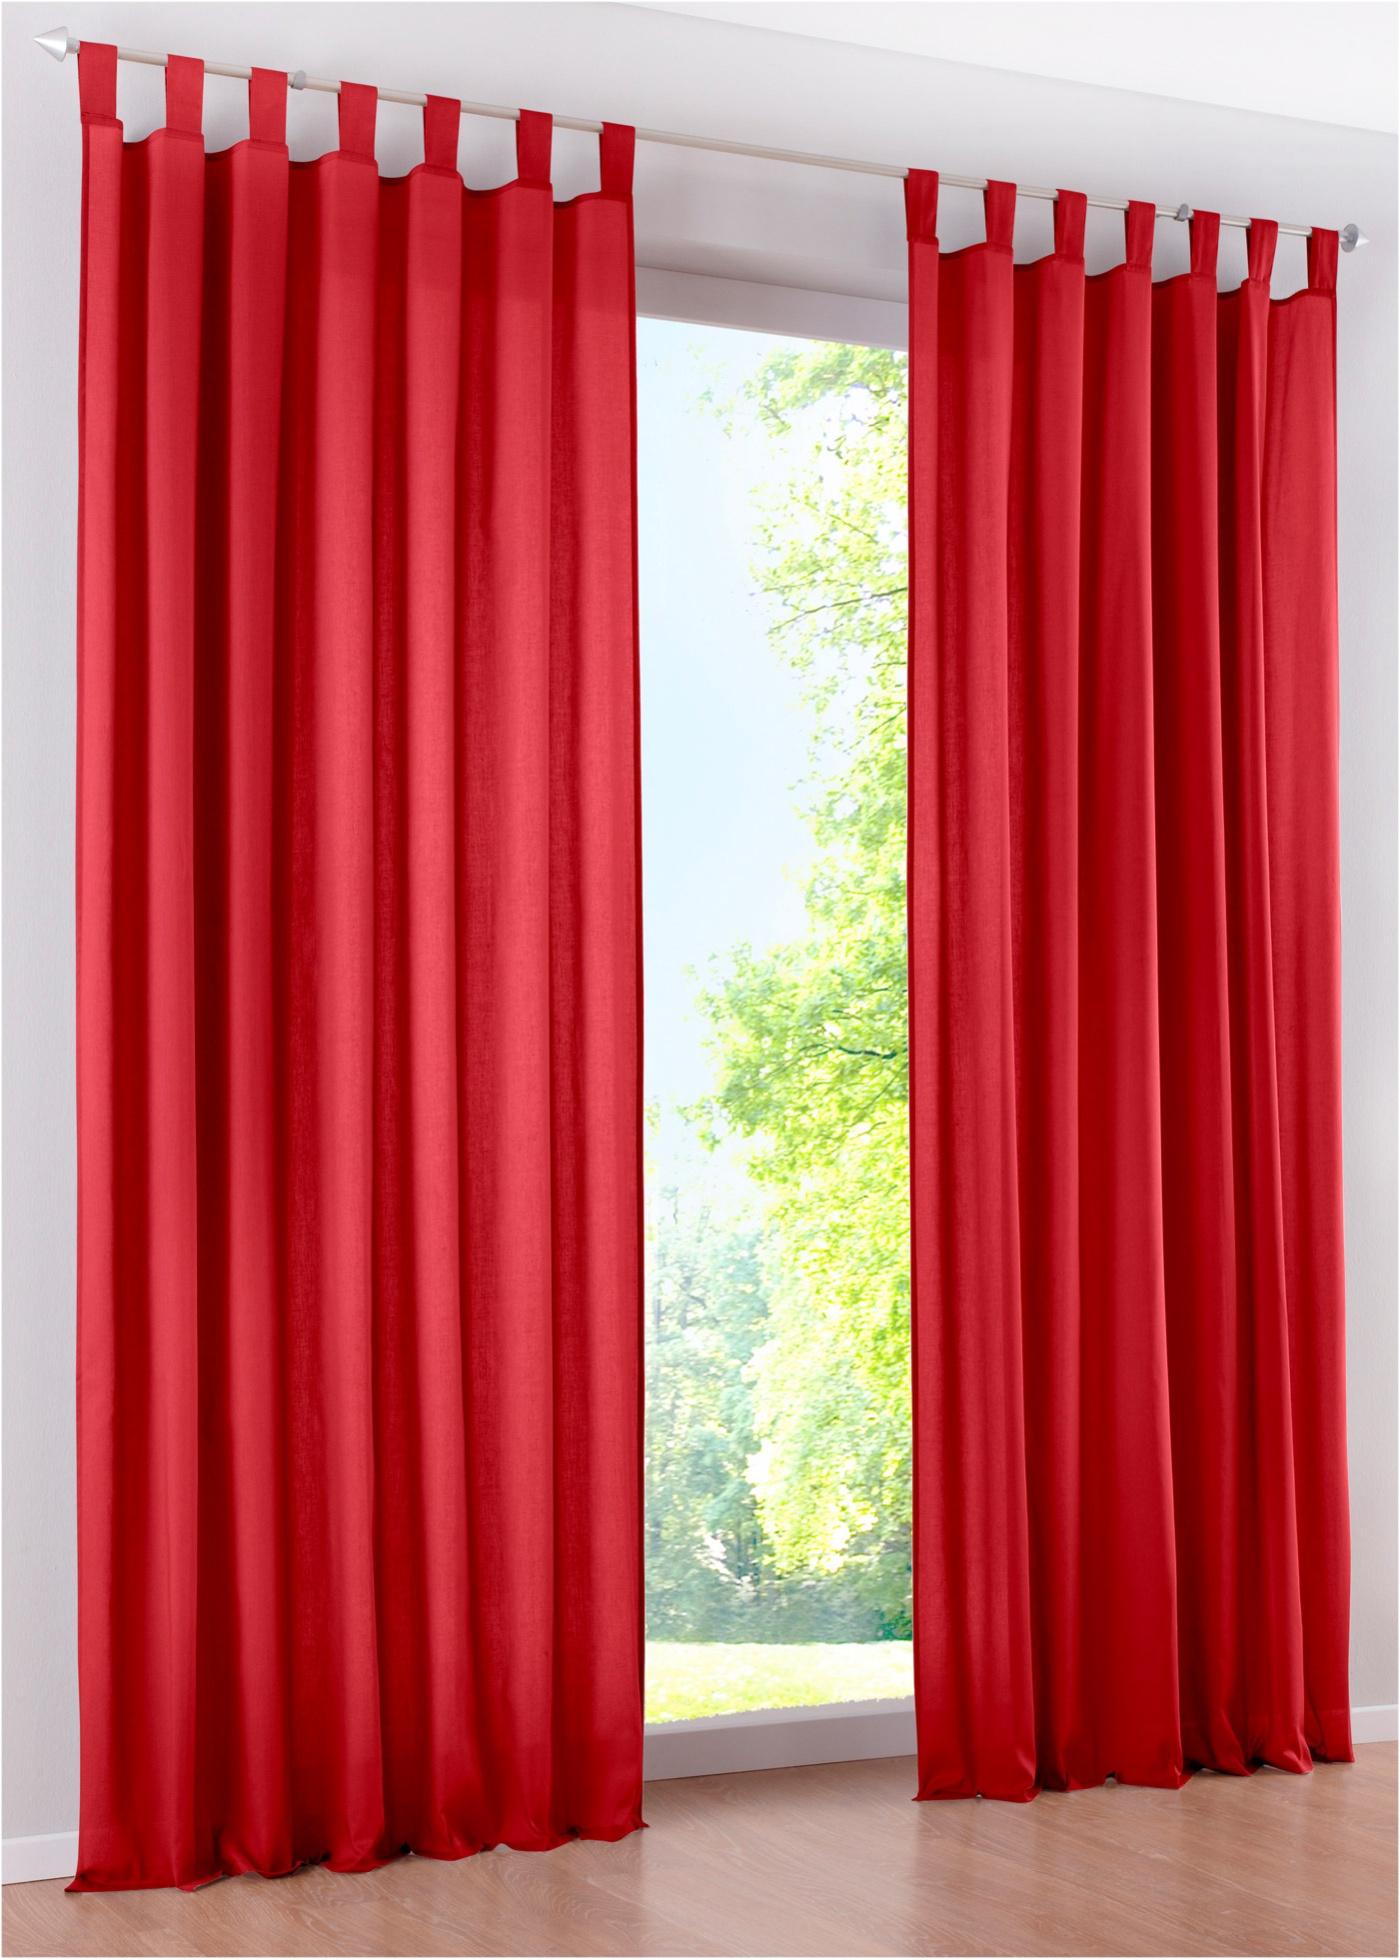 gardinen deko bonprix vorh nge raffrollo gardinen dekoration verbessern ihr zimmer shade. Black Bedroom Furniture Sets. Home Design Ideas